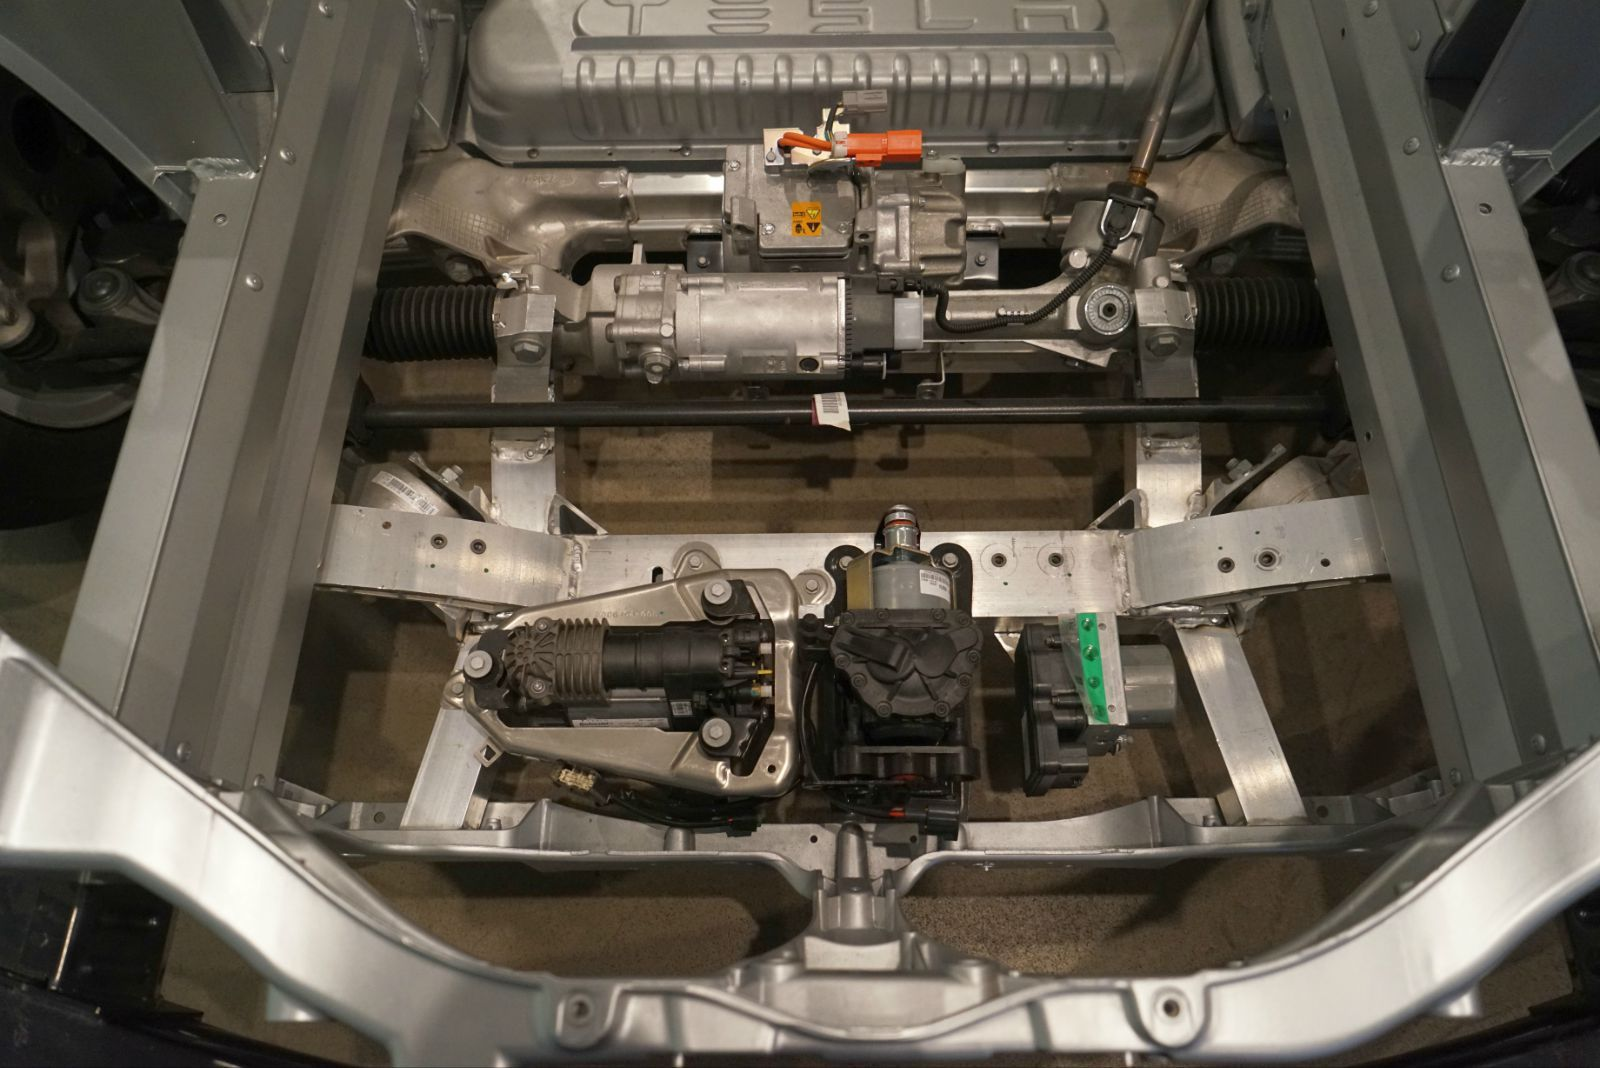 特斯拉汽车所用的交流感应电机的工作原理其实是